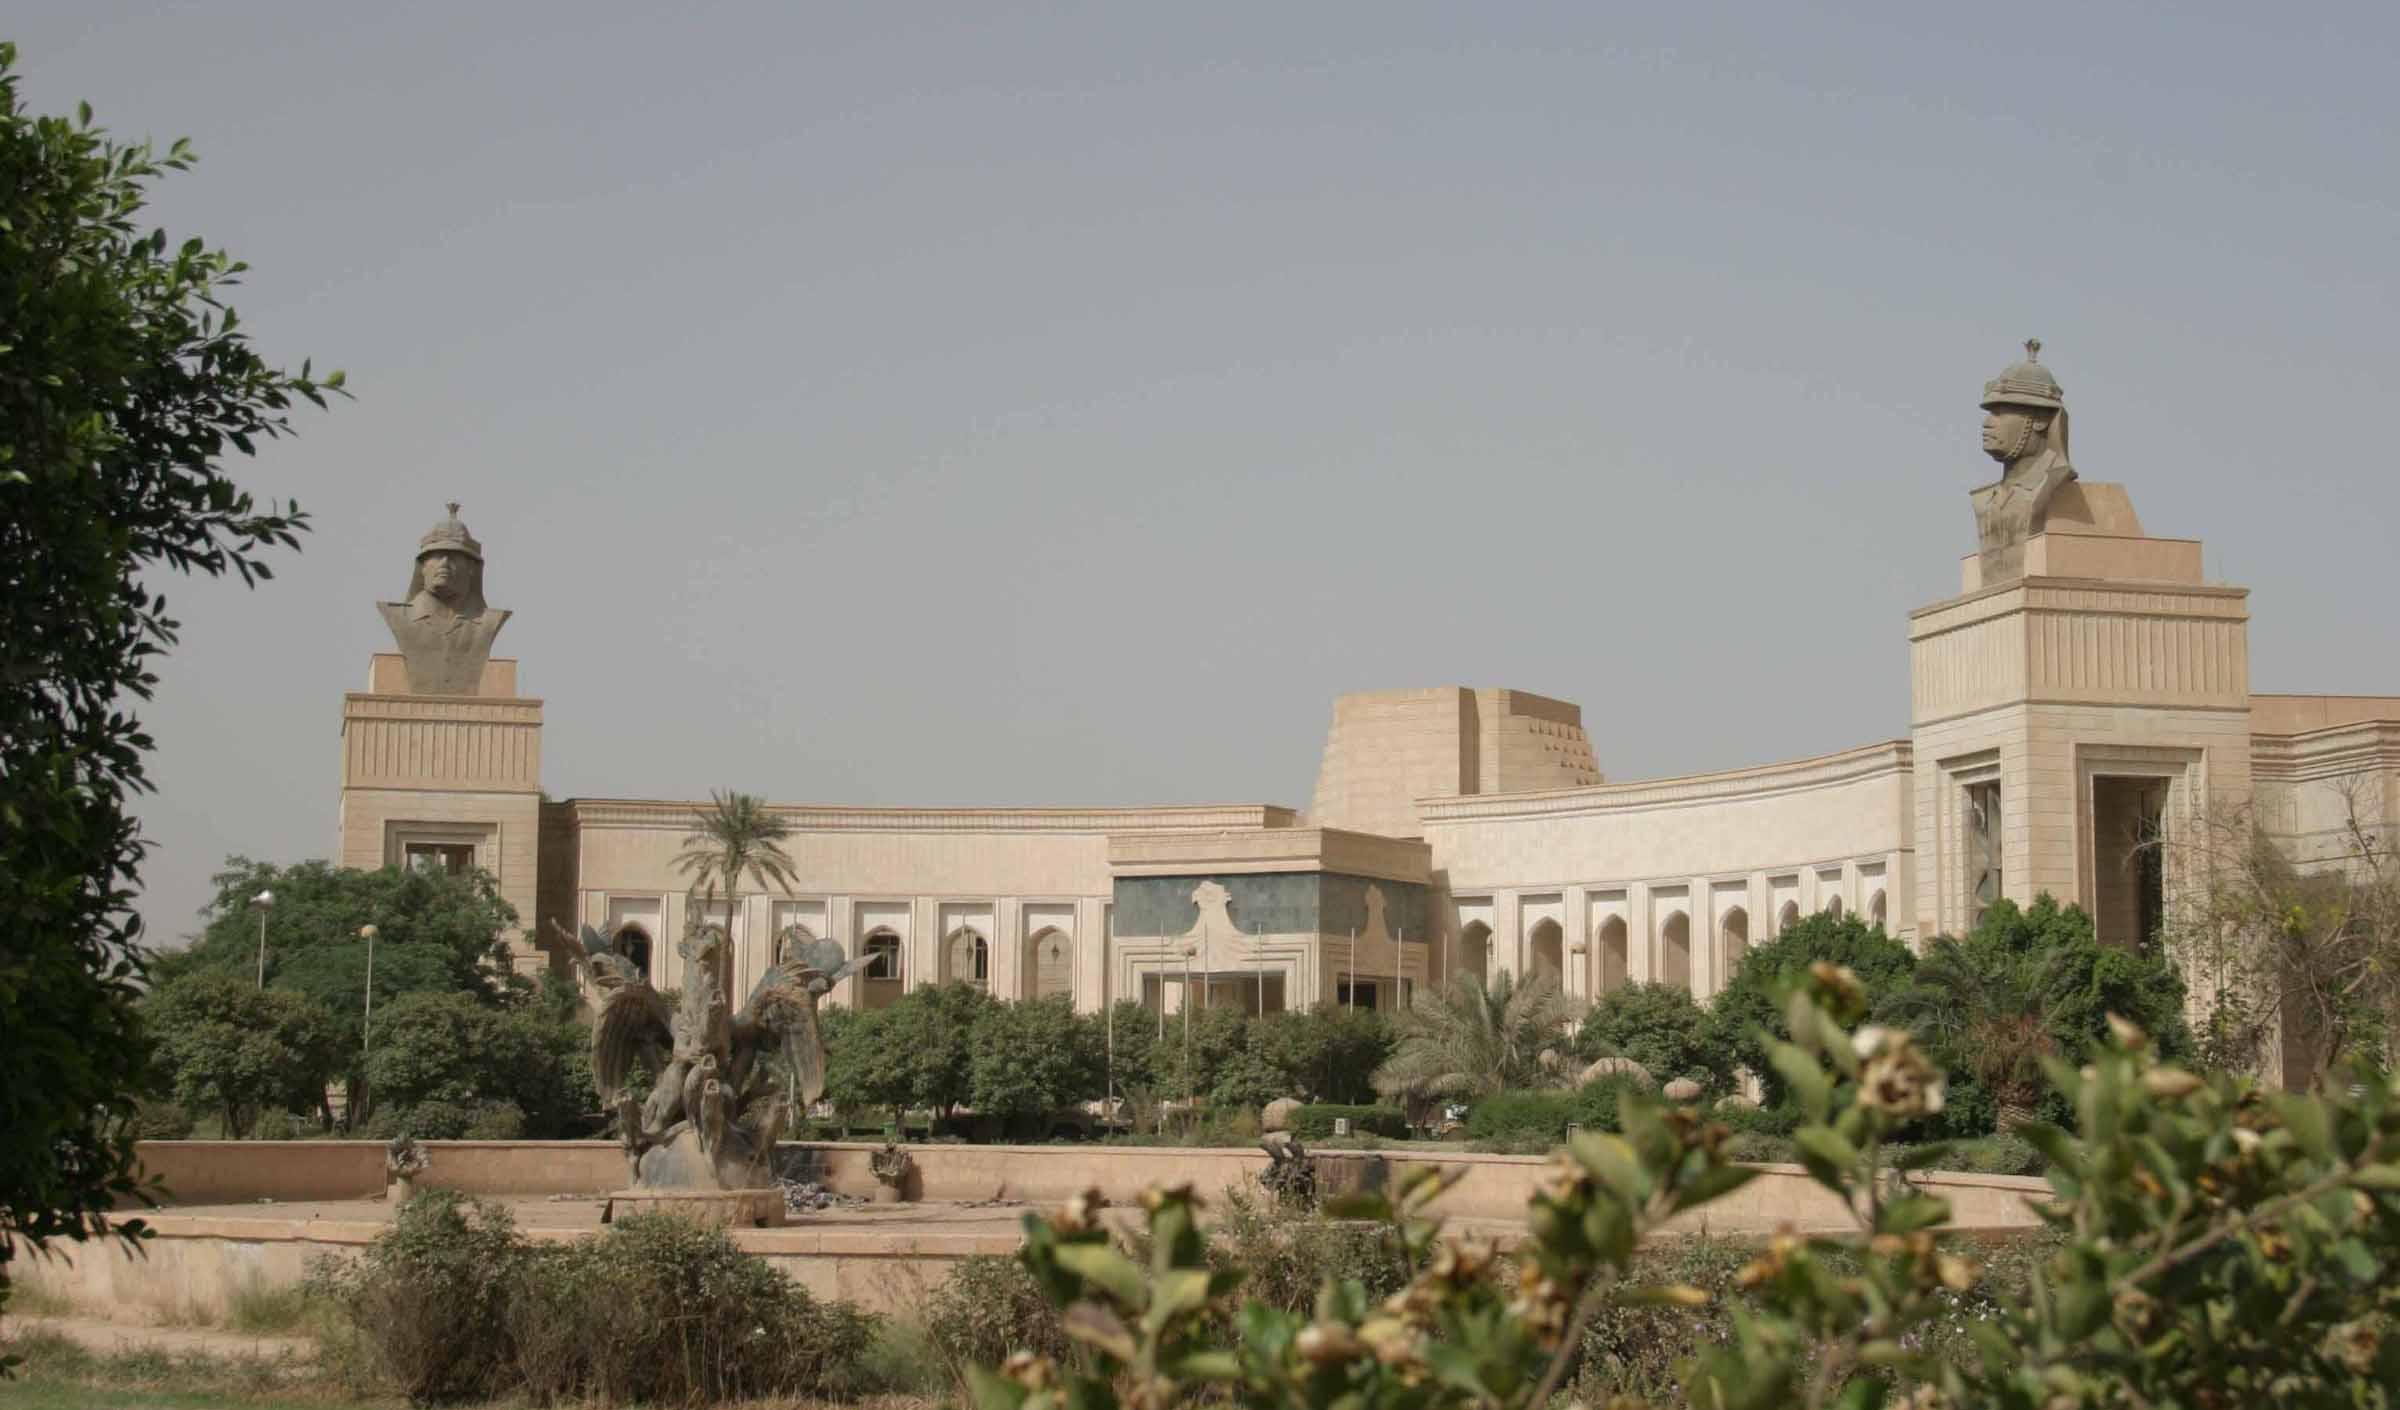 الموافقة على تخصيص مجمع القصور الرئاسية في منطقة الاعظمية الى مستشفى